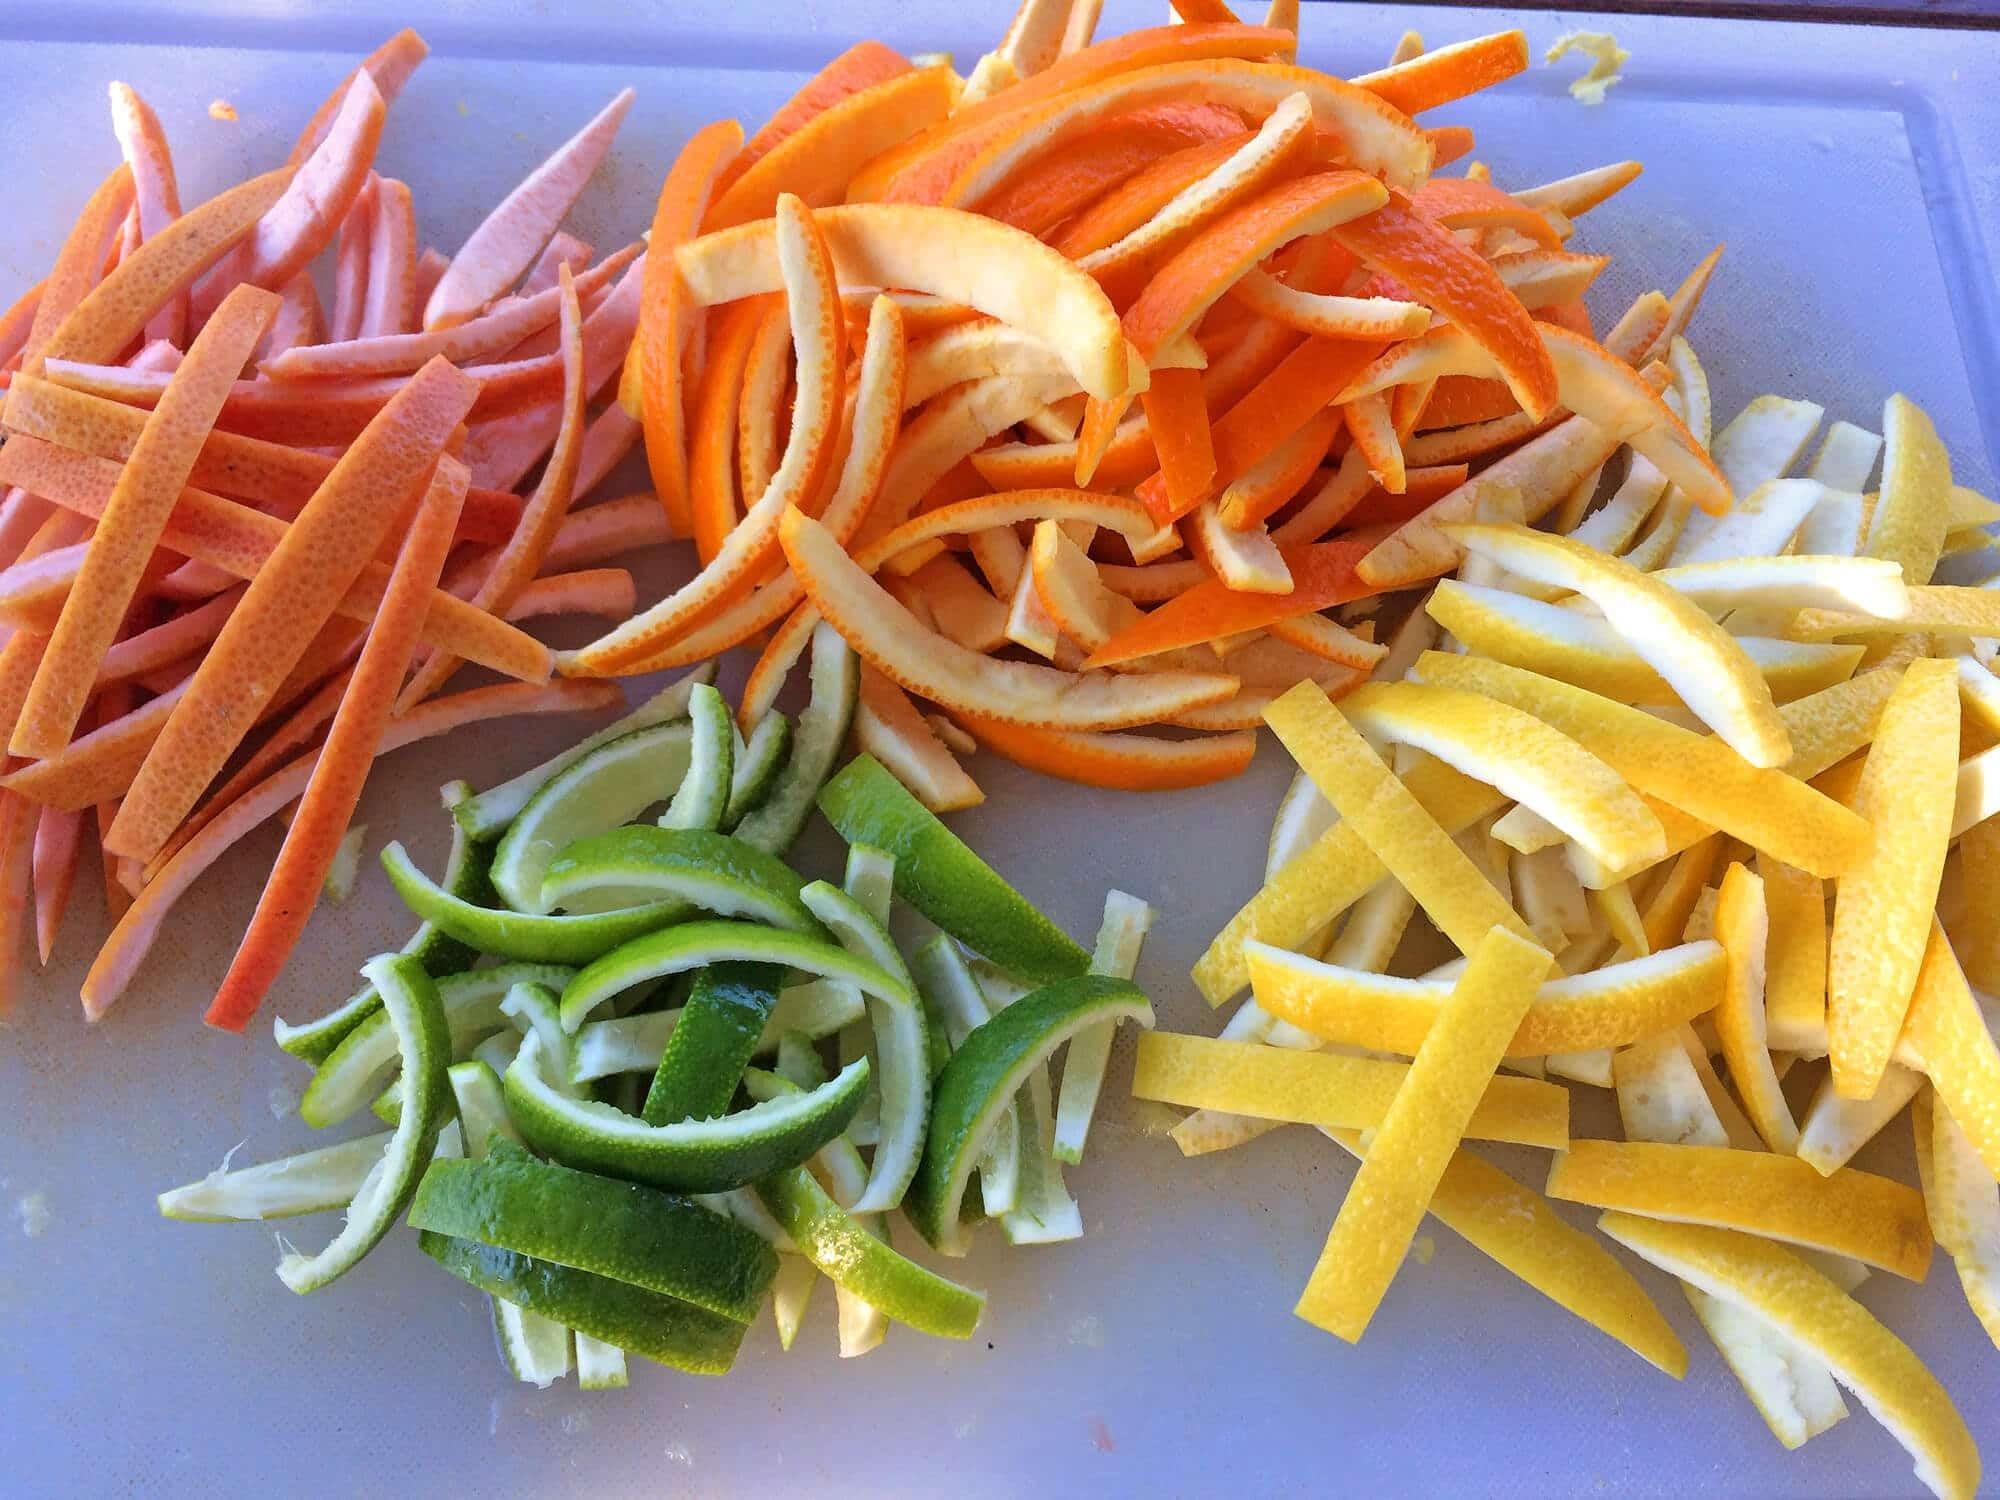 Vỏ cam, chanh, bưởi diệt gián